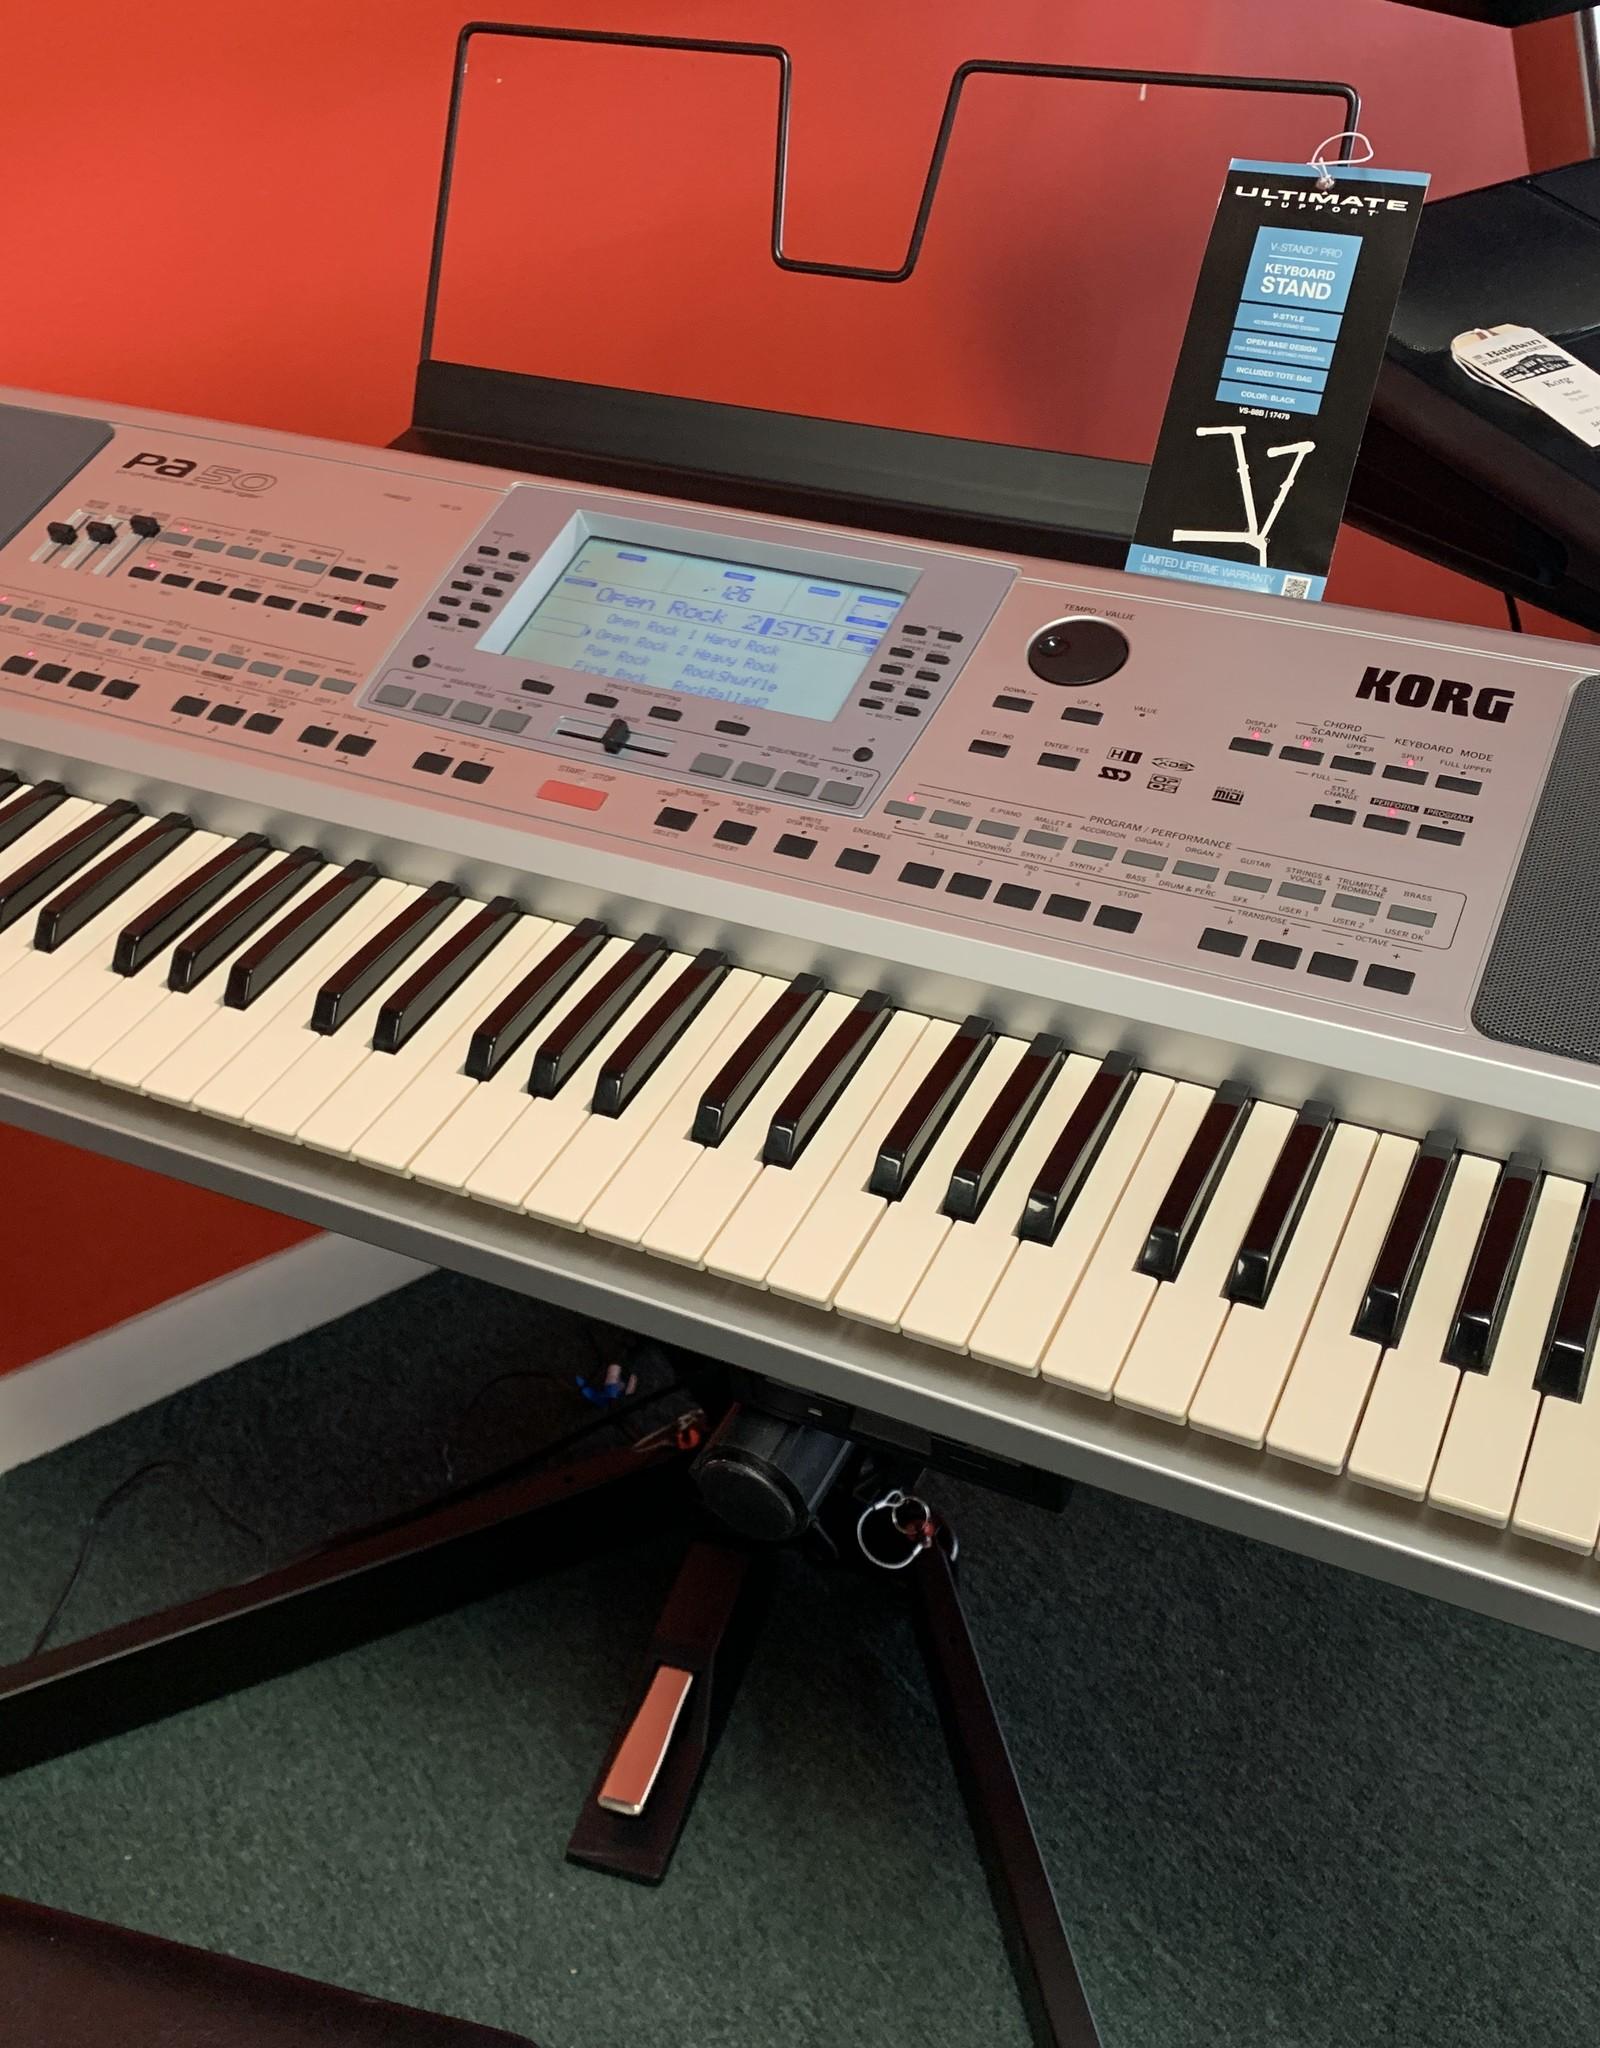 Korg Korg PA-50 Professional Arranger Keyboard (Pre-Owned)